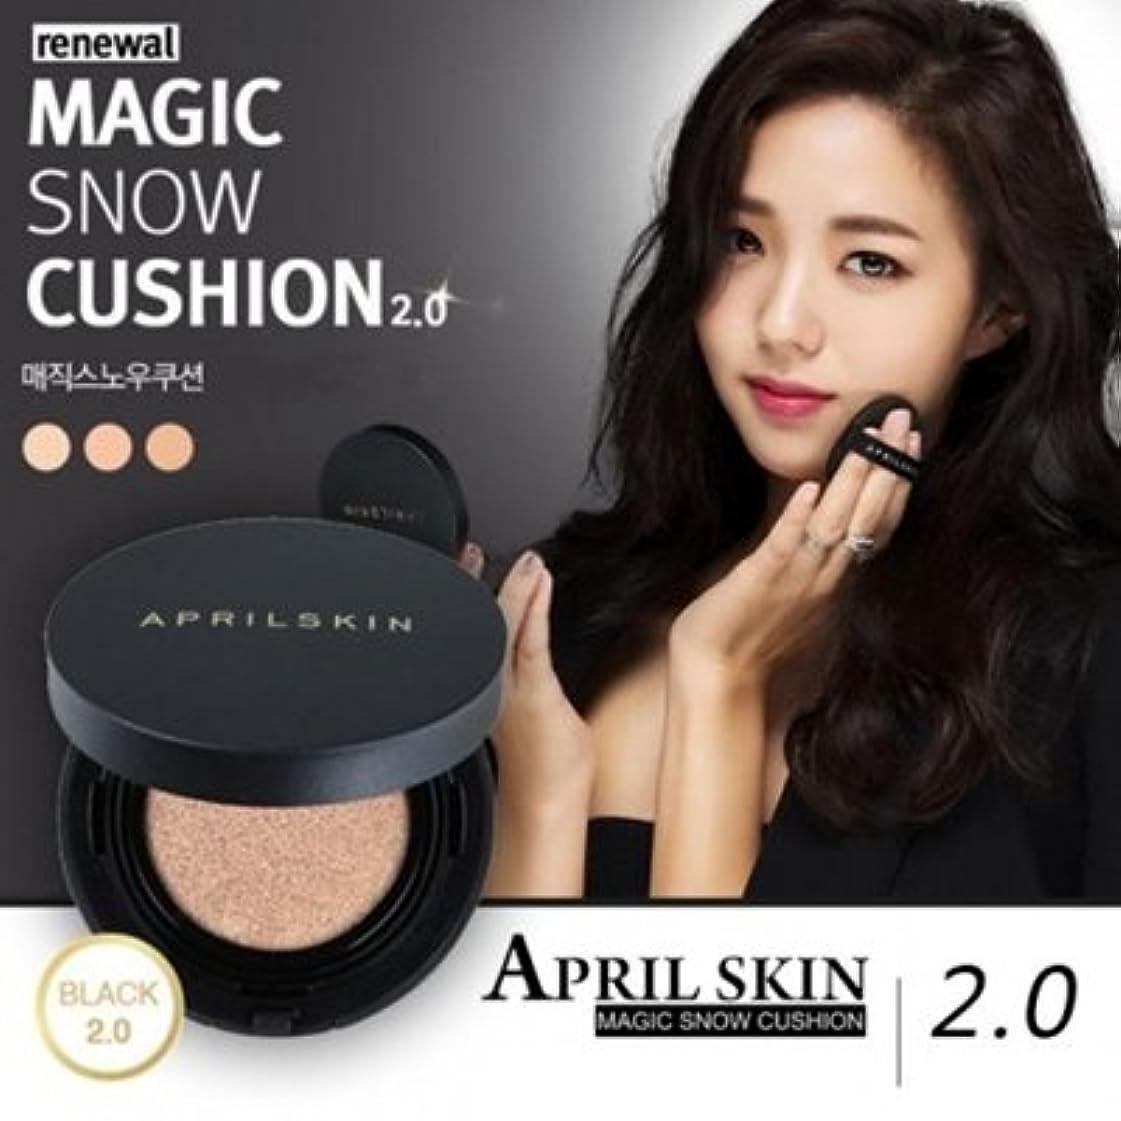 以降威する飢え[April Skin]韓国クッション部門1位!NEW!!★Magic Snow Cushion Black 2.0★/w Gift Sample (#23 Natural Beige) [並行輸入品]